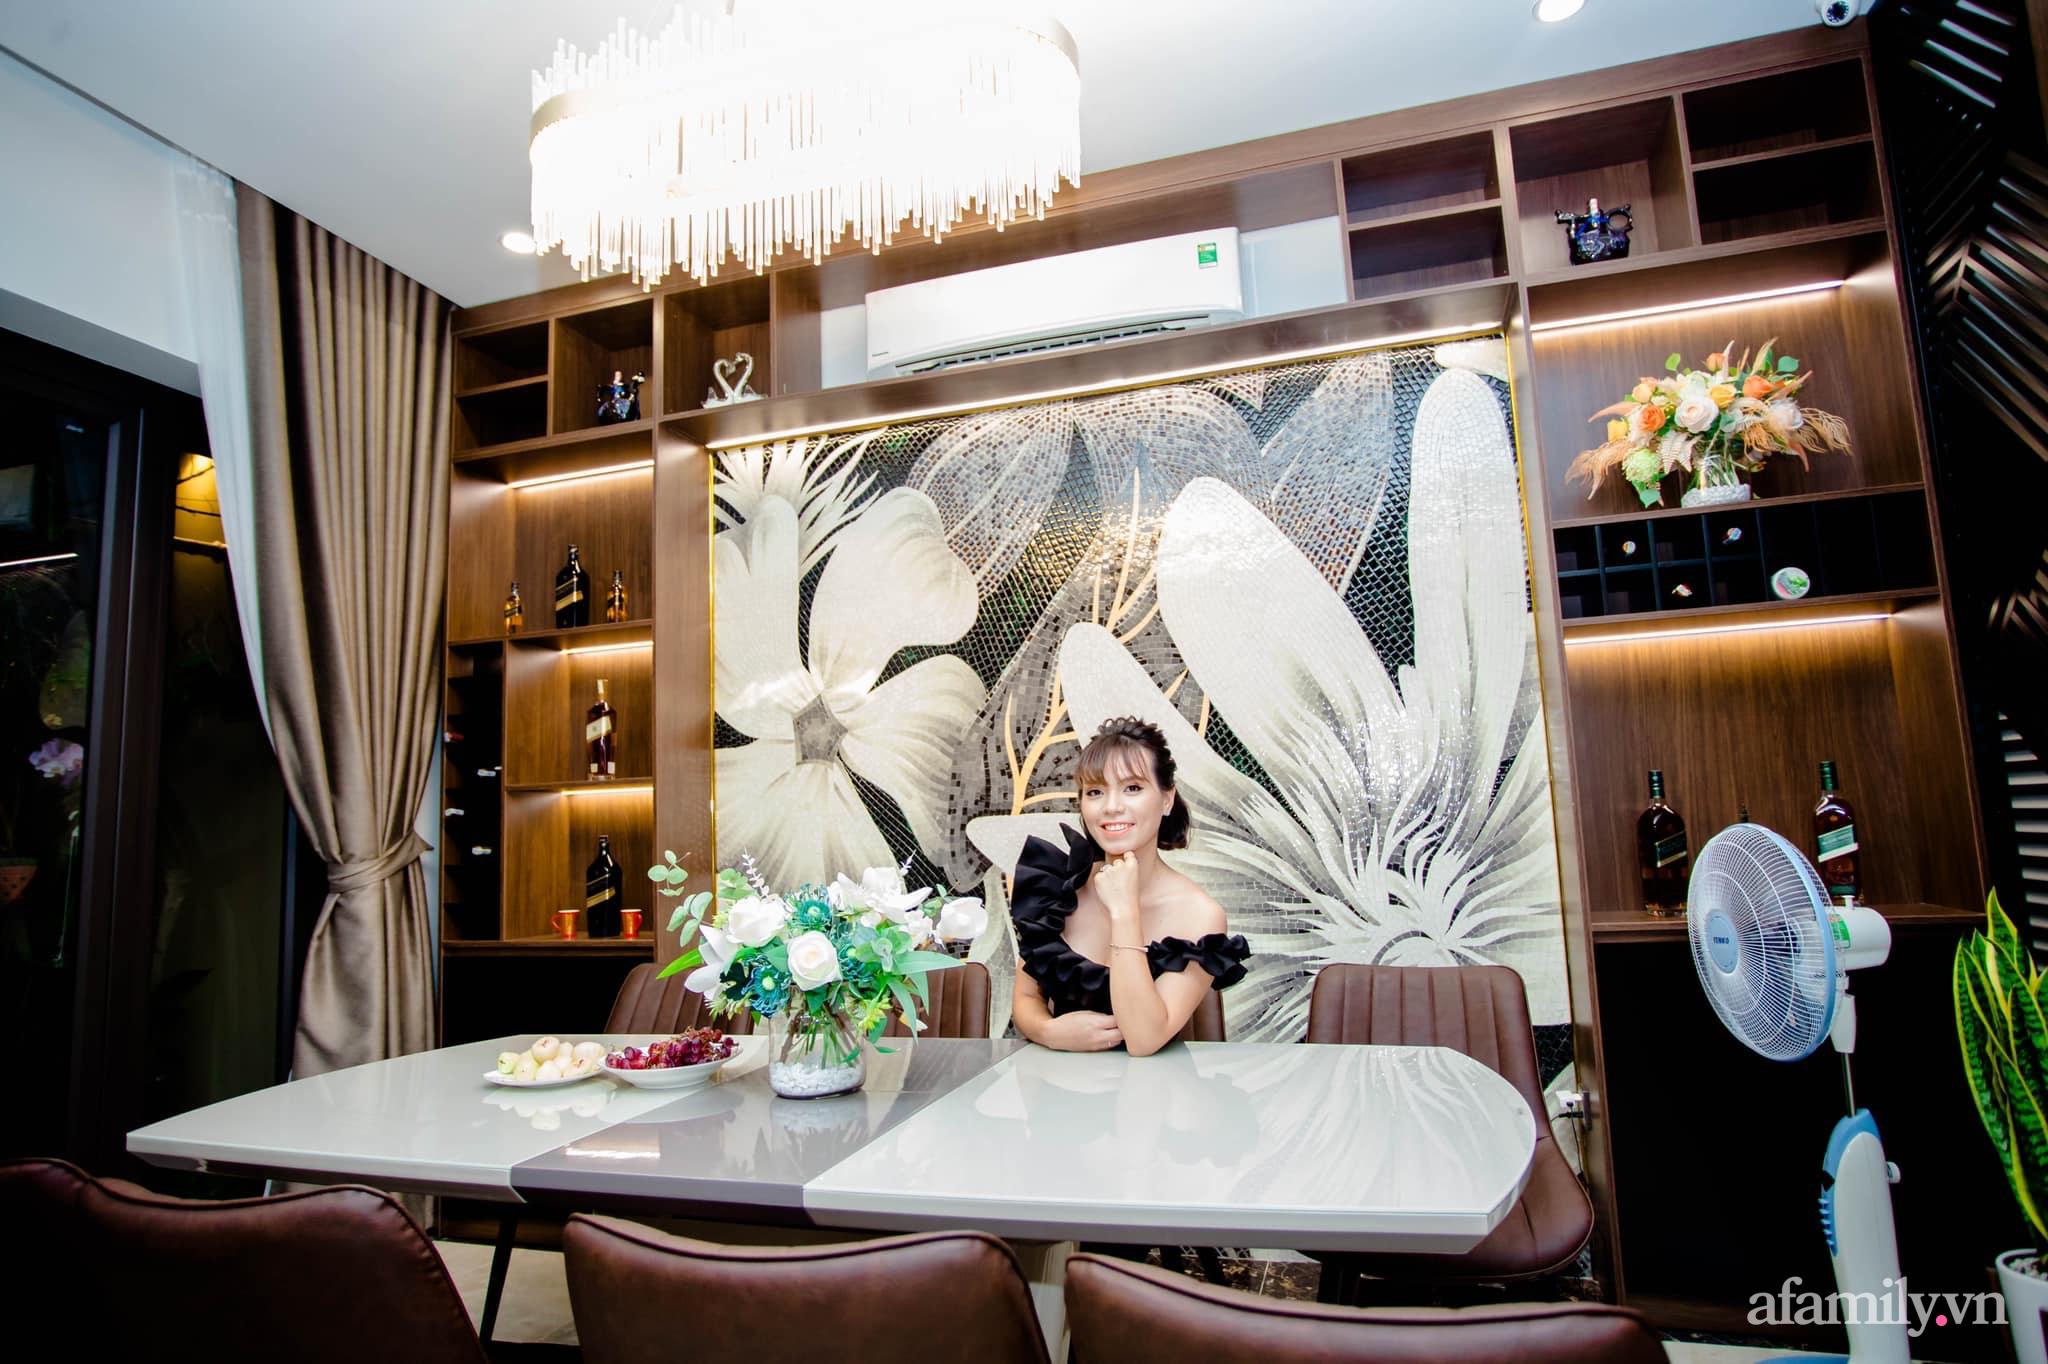 Bóc giá căn bếp đẹp chanh sả được đầu tư toàn đồ xịn sò với tổng chi phí gần 200 triệu đồng ở Hải Phòng - Ảnh 4.